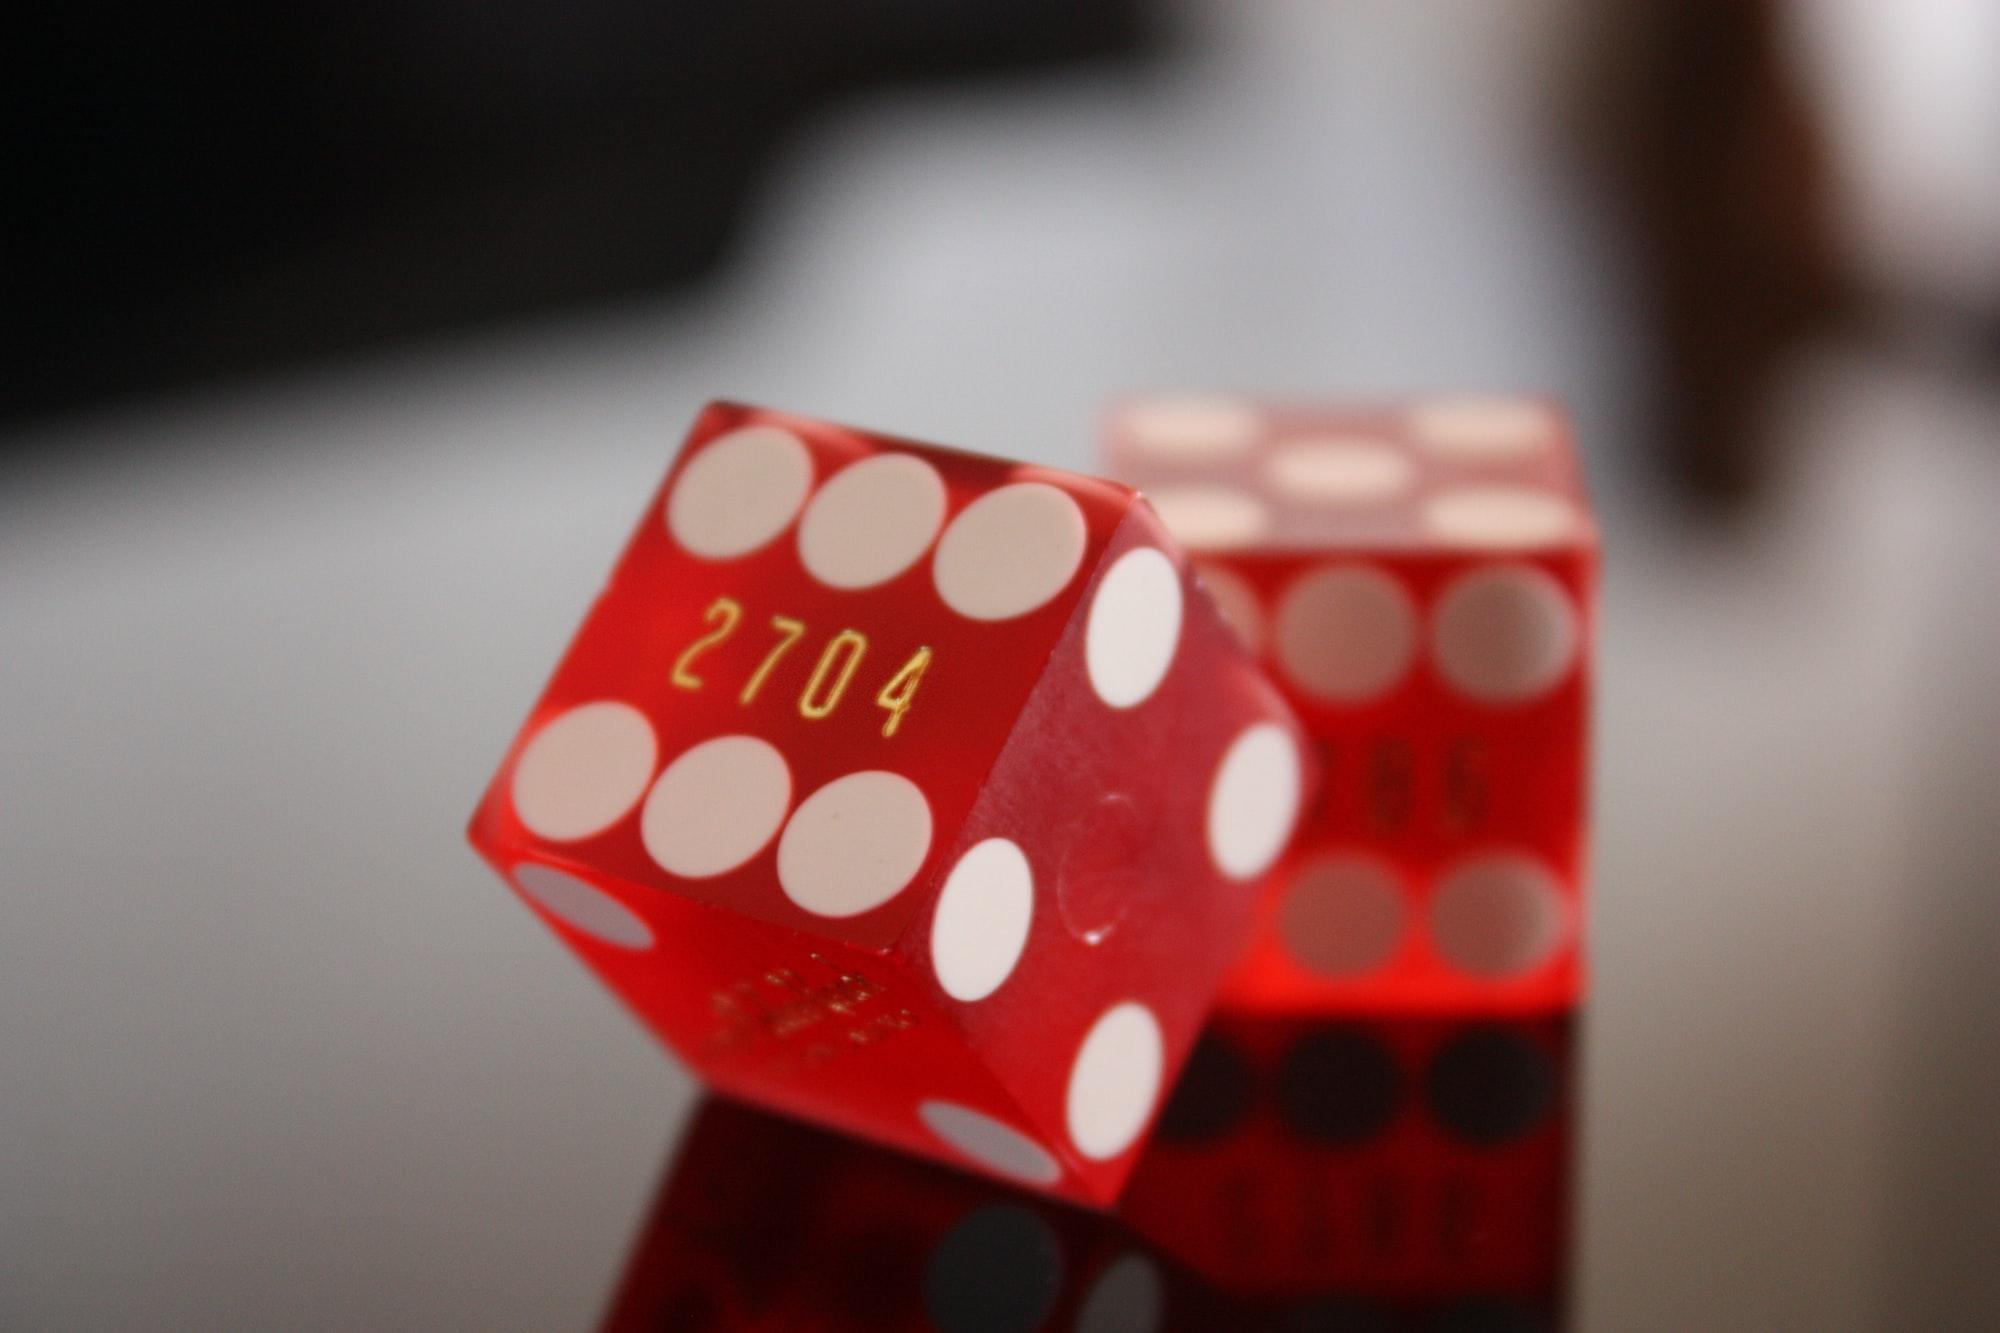 Estrazioni Lotto, Superenalotto e 10eLotto 12/01/21: i numeri vincenti